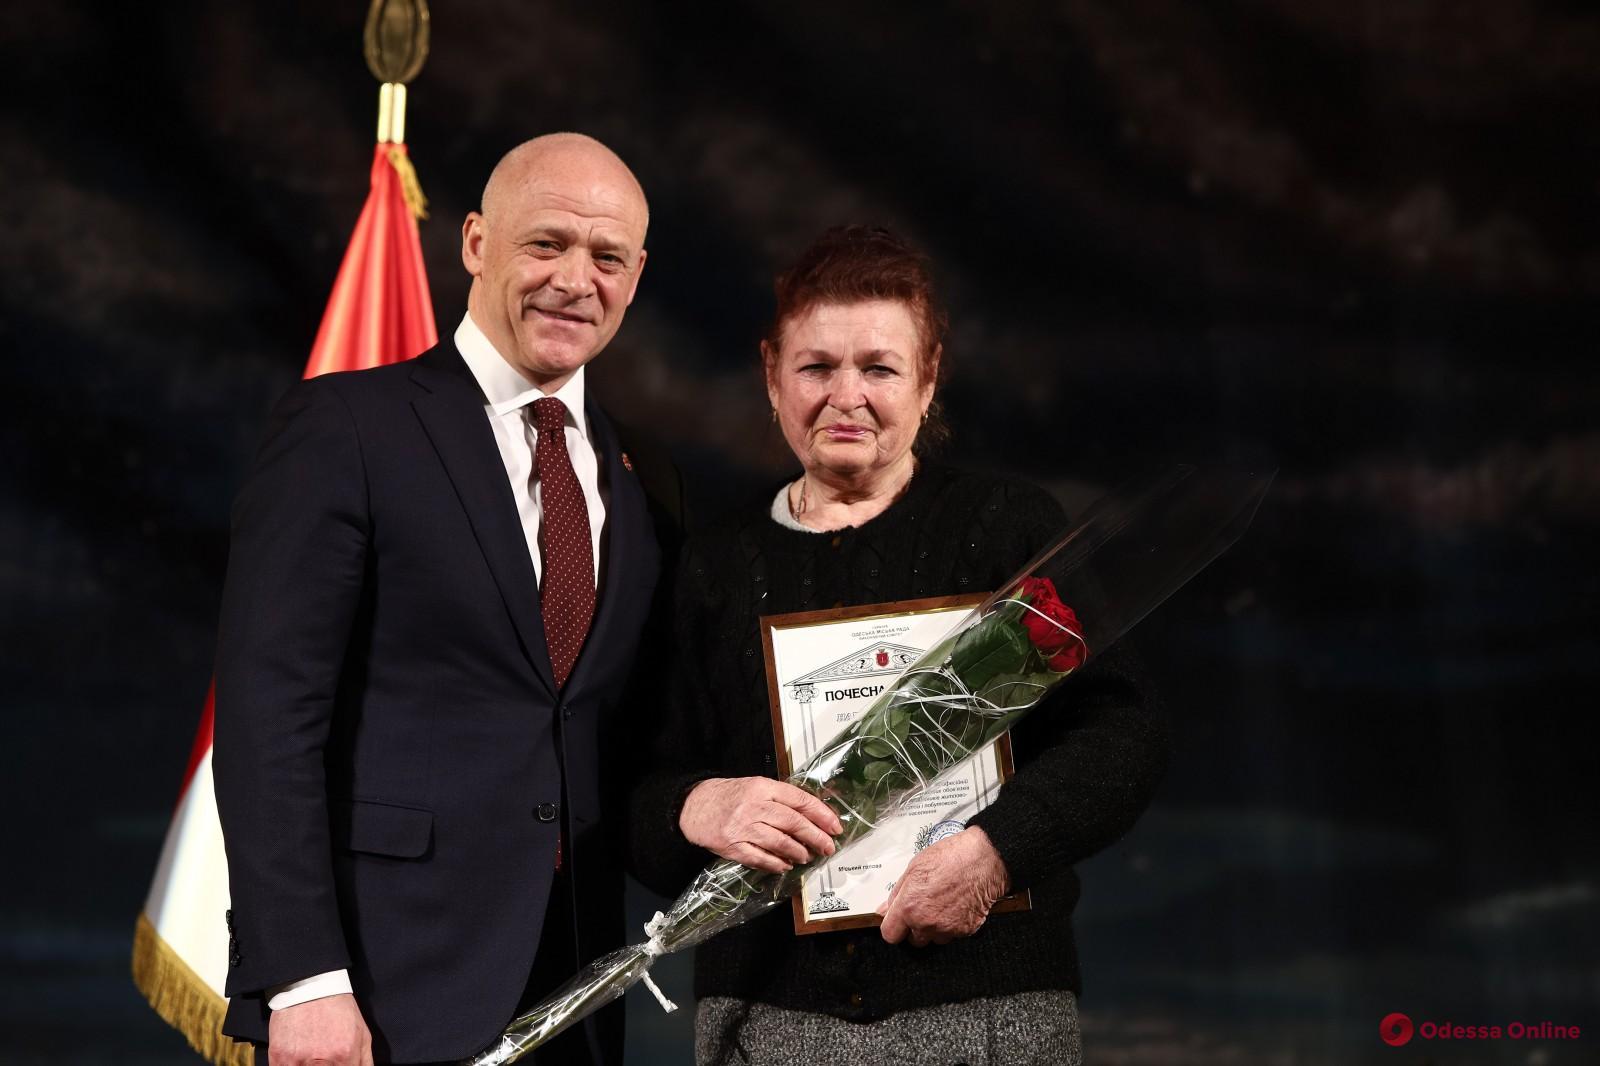 Мэр Одессы Геннадий Труханов поздравил коммунальщиков с профессиональным праздником